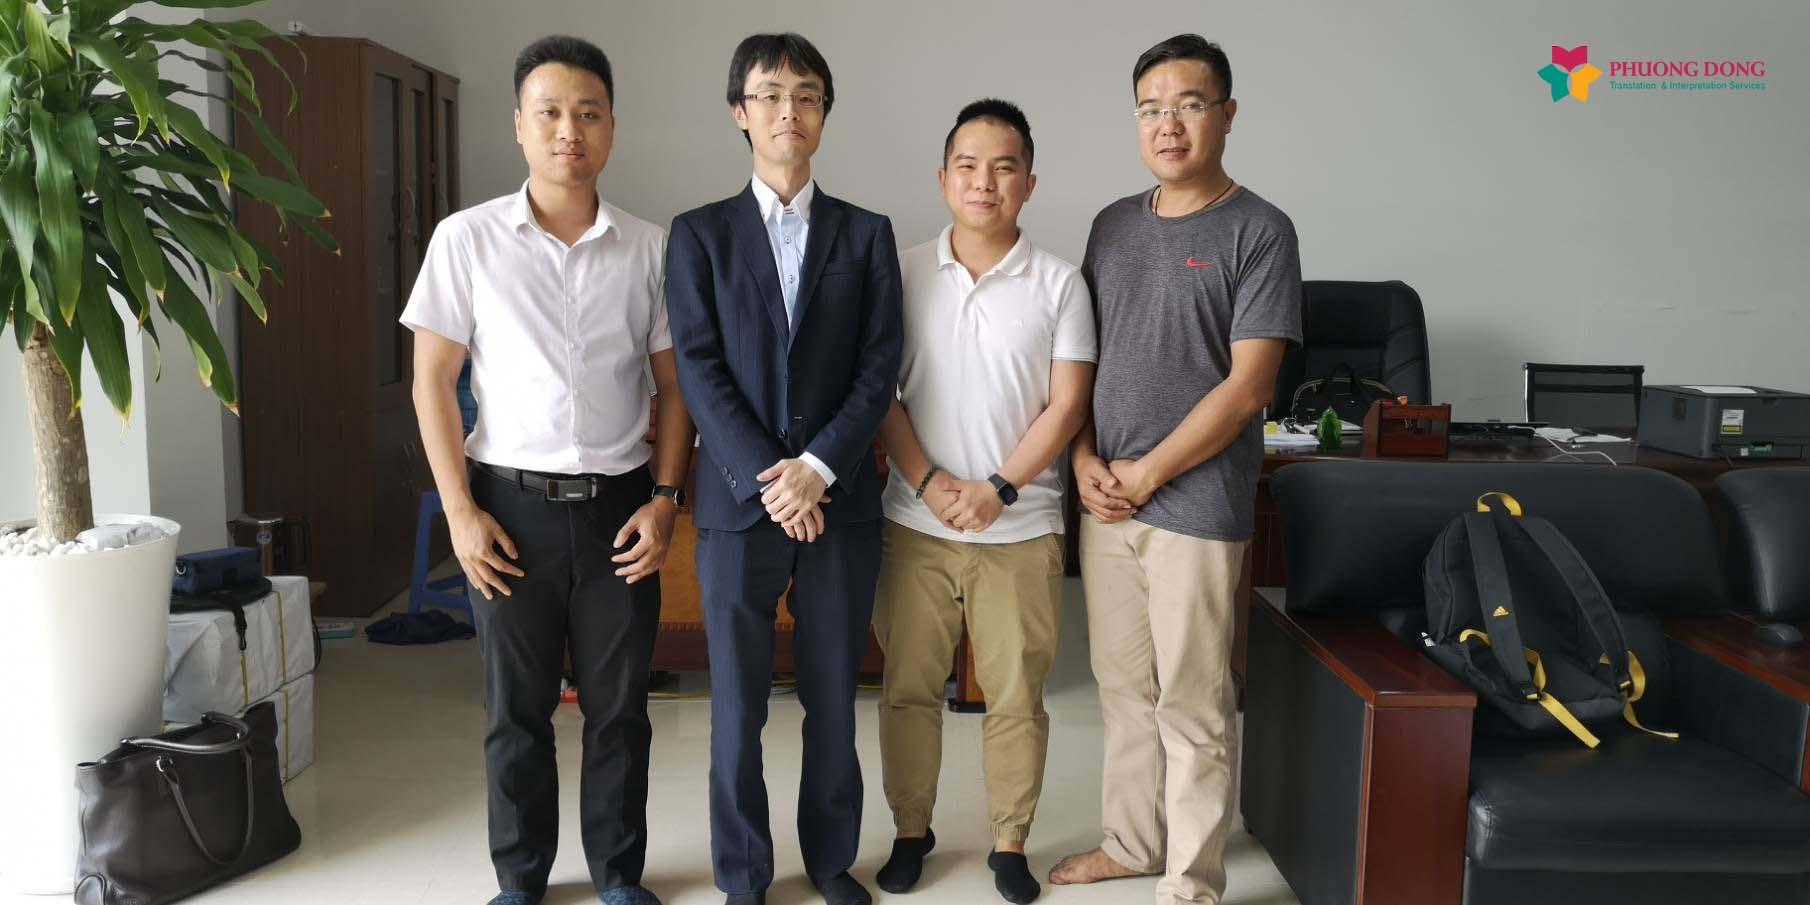 Phiên dịch viên Đạt Nguyễn (áo sơ mi trắng) chụp cùng khách hàng - Ảnh: Dịch Thuật Phương Đông